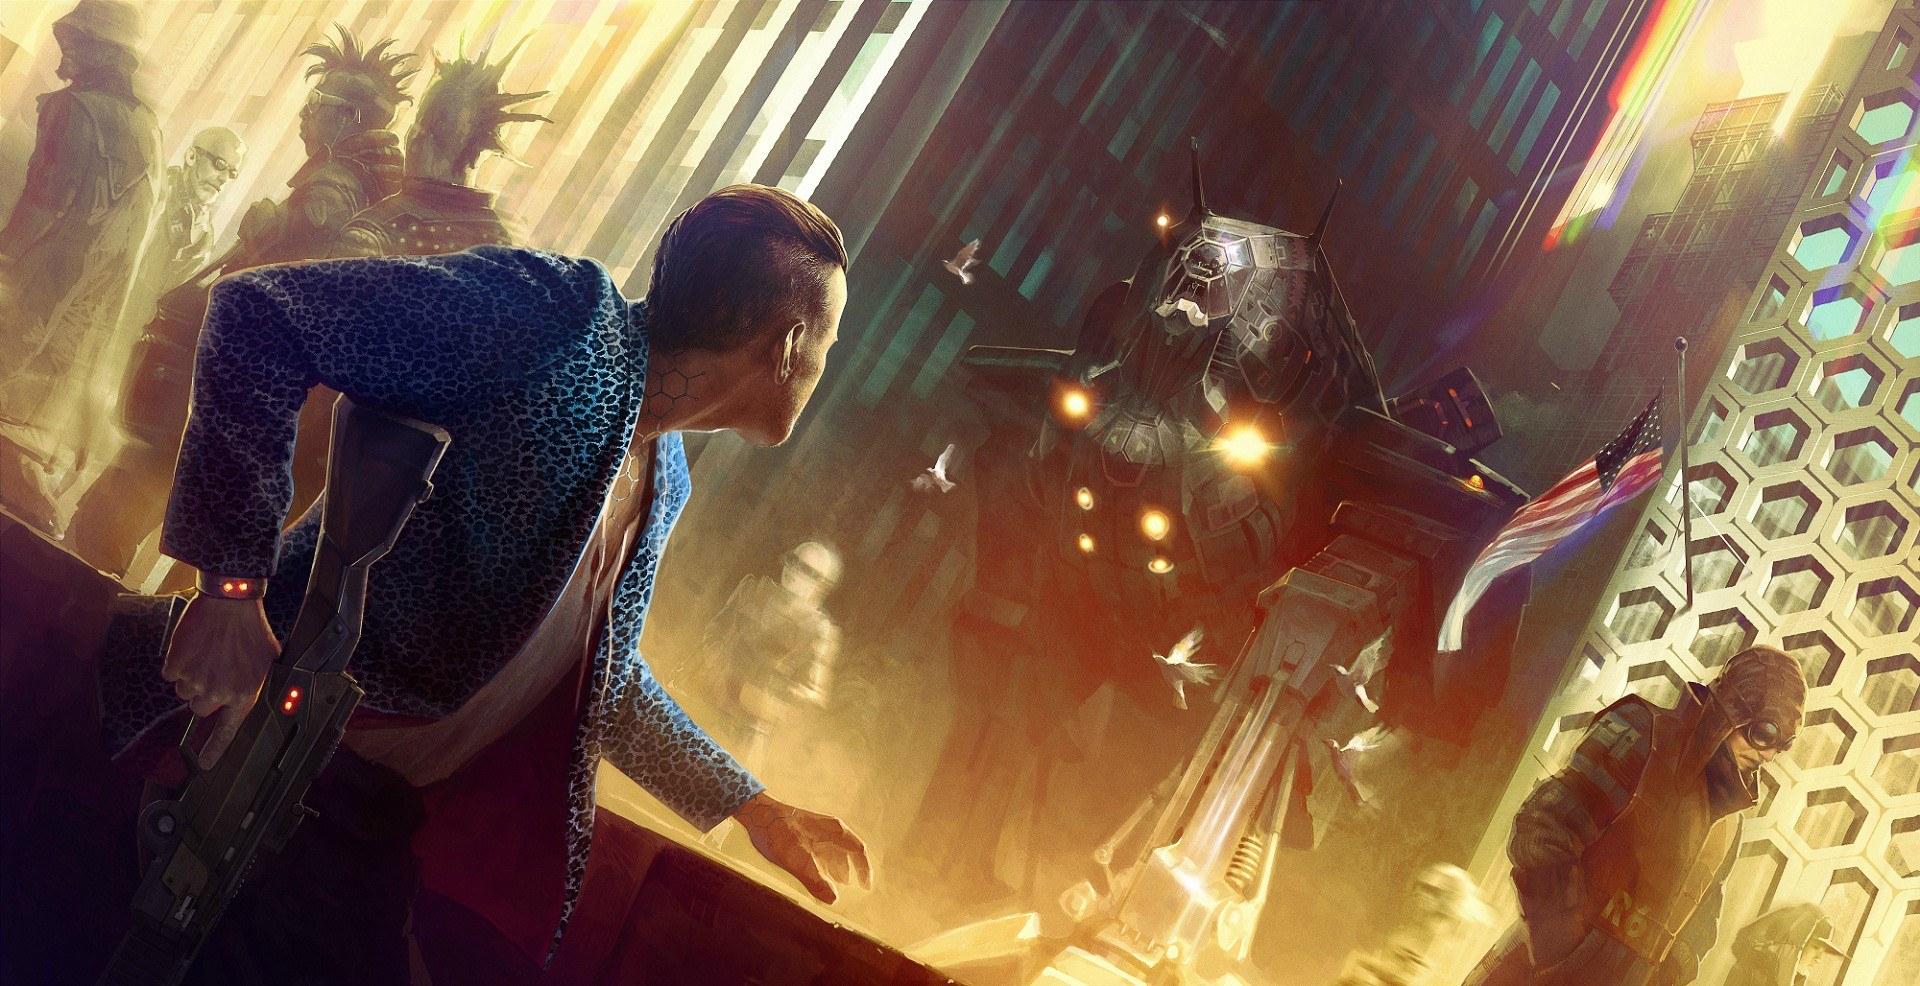 Al director de Dragon Age le encantaría trabajar en Cyberpunk 2077